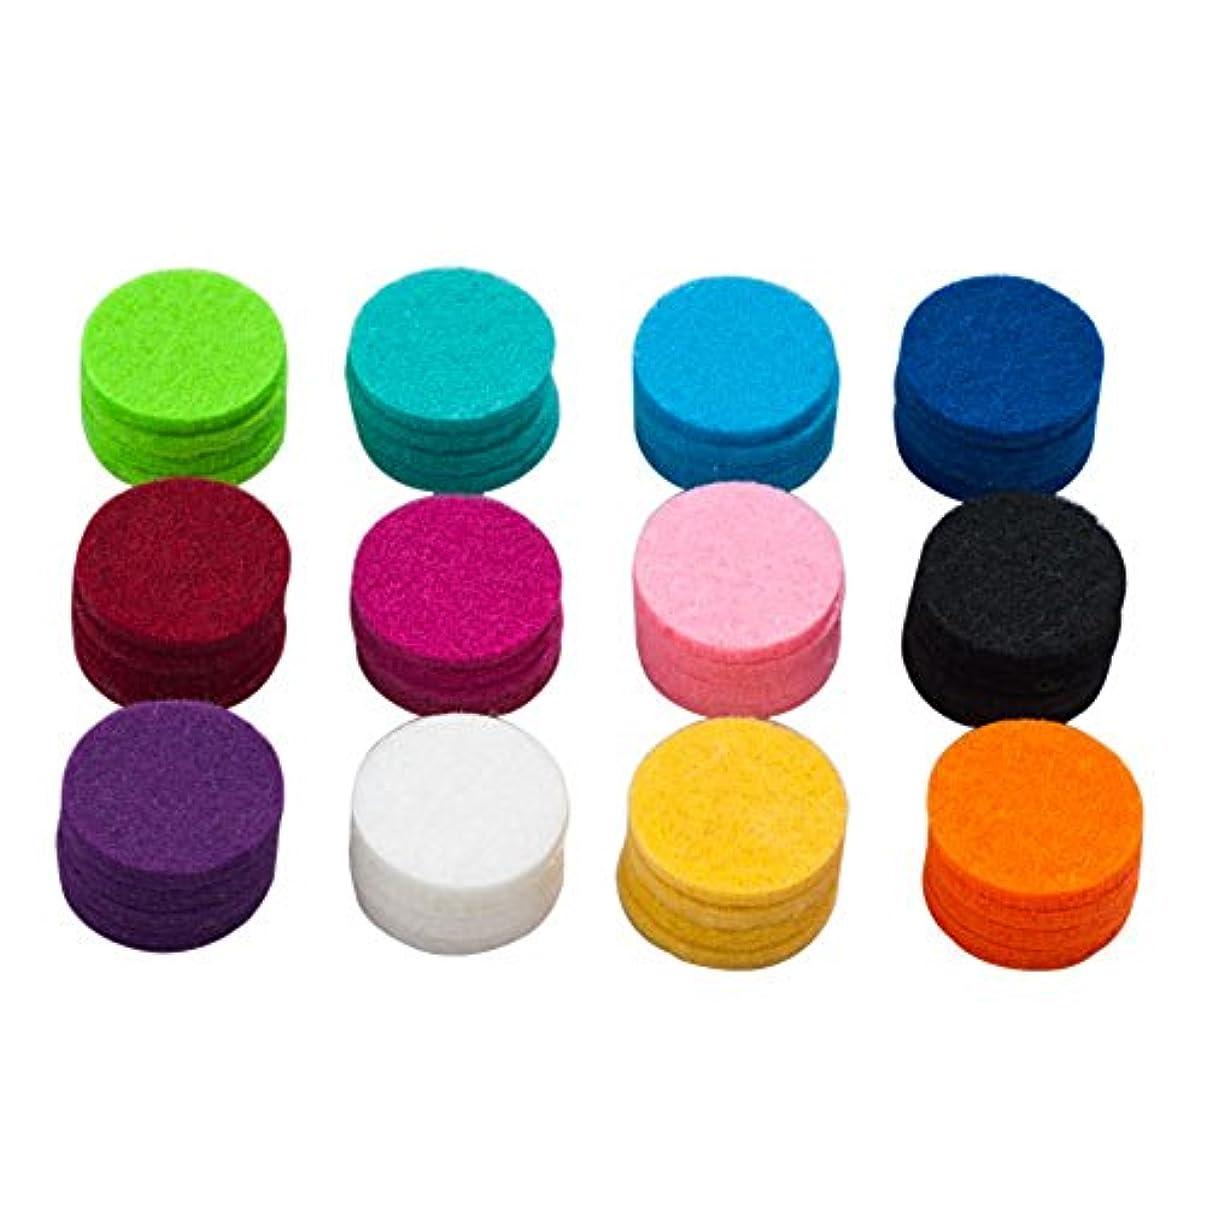 否認するニコチン回復するlovelycharms Aromatherapy Essential Oil DiffuserネックレスRefill Pads for 30 mmロケットネックレス